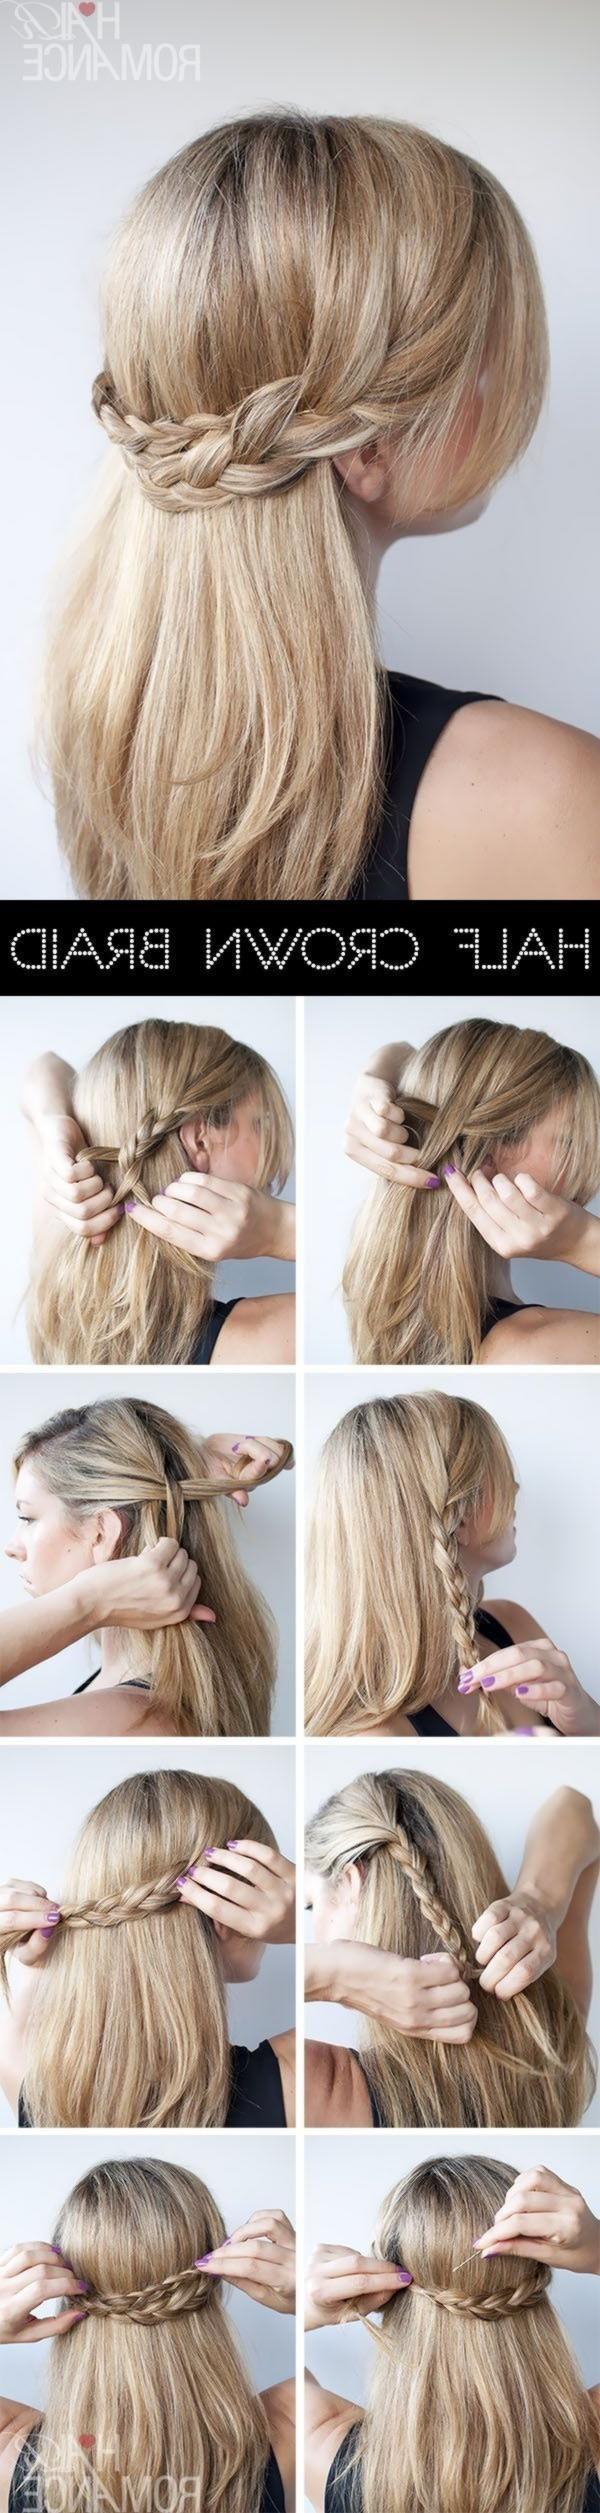 Toup Hair - Frisuren Hair - #Frisuren #Haar #Haar #Toup - Blumenkranz Hair - #Blumenkranz